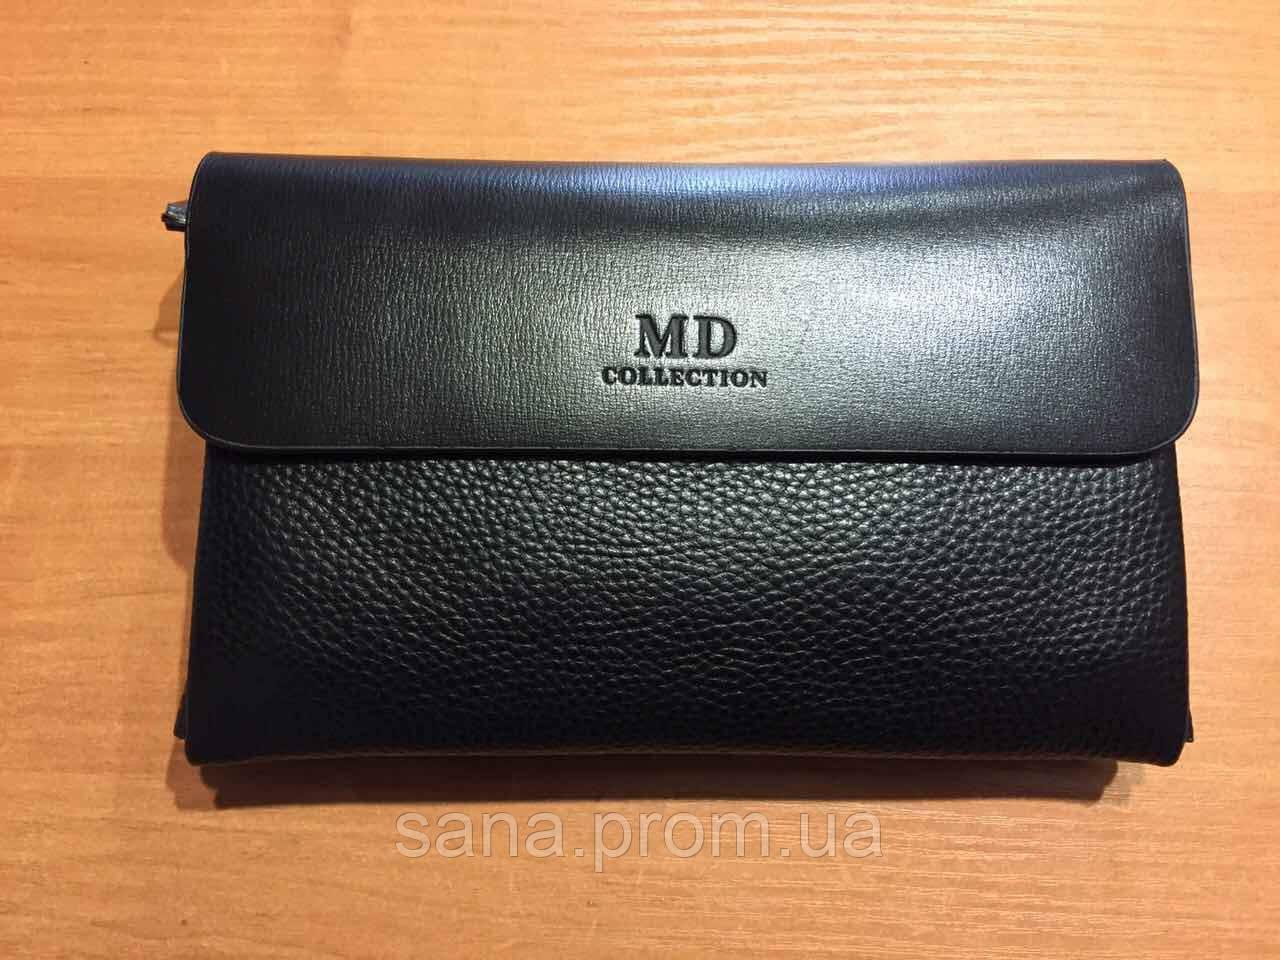 a0633a59d03d Мужской клатч M D: продажа, цена в Одессе. мужские сумки и барсетки ...